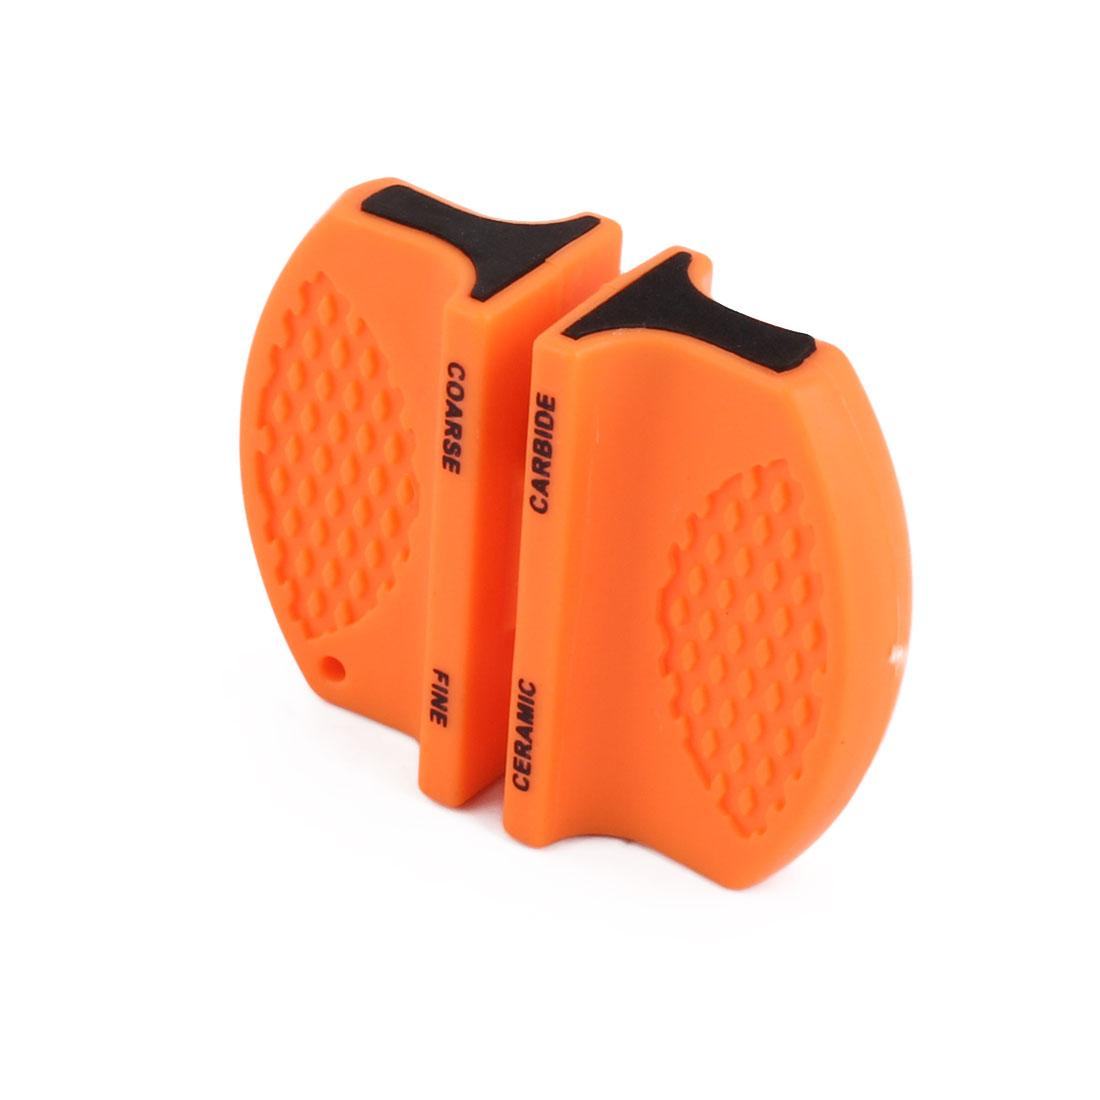 Household Kitchen Portable Pocket Cutter Sharpener Grinder Black Orange